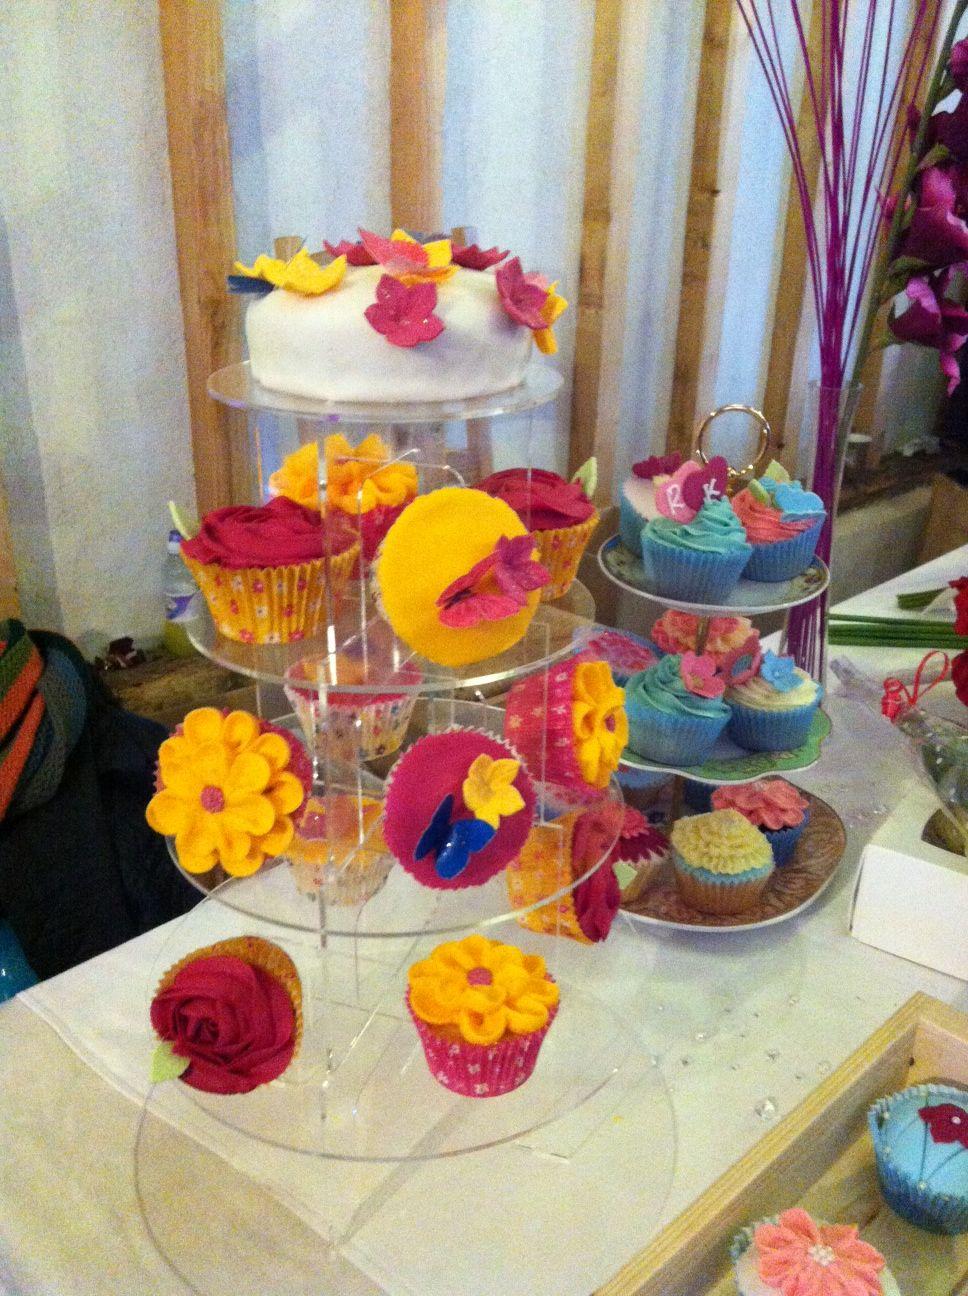 Very sweet cakes